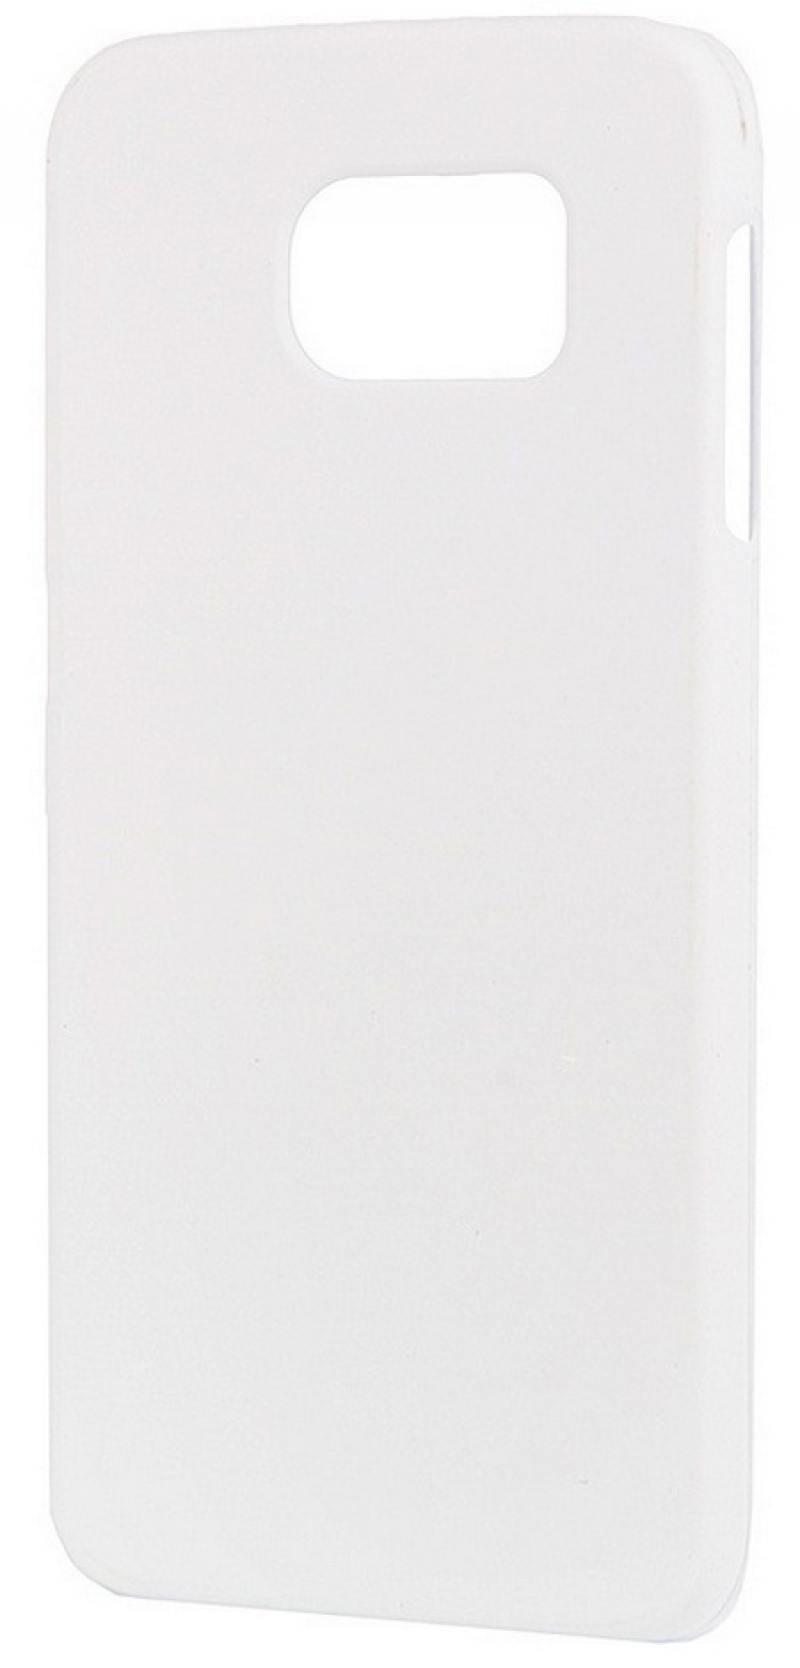 Чехол-накладка Pulsar CLIPCASE PC Soft-Touch для Samsung Galaxy S6 SM-G920F (белая) РСС0017 стоимость